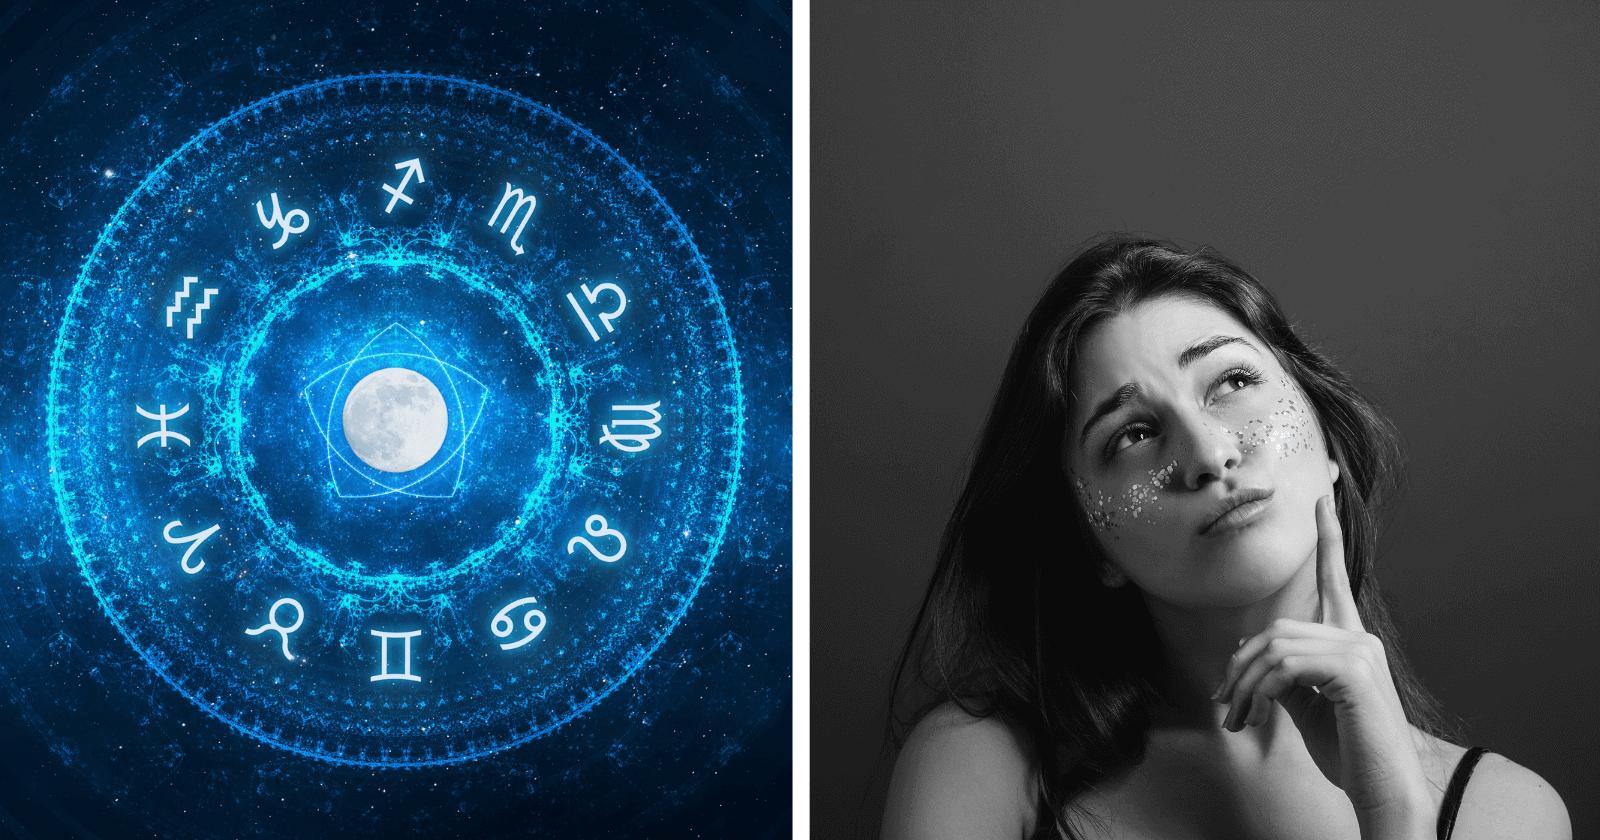 Transição dos Signos: sua personalidade não se encaixa com seu Signo? Esclarecemos!